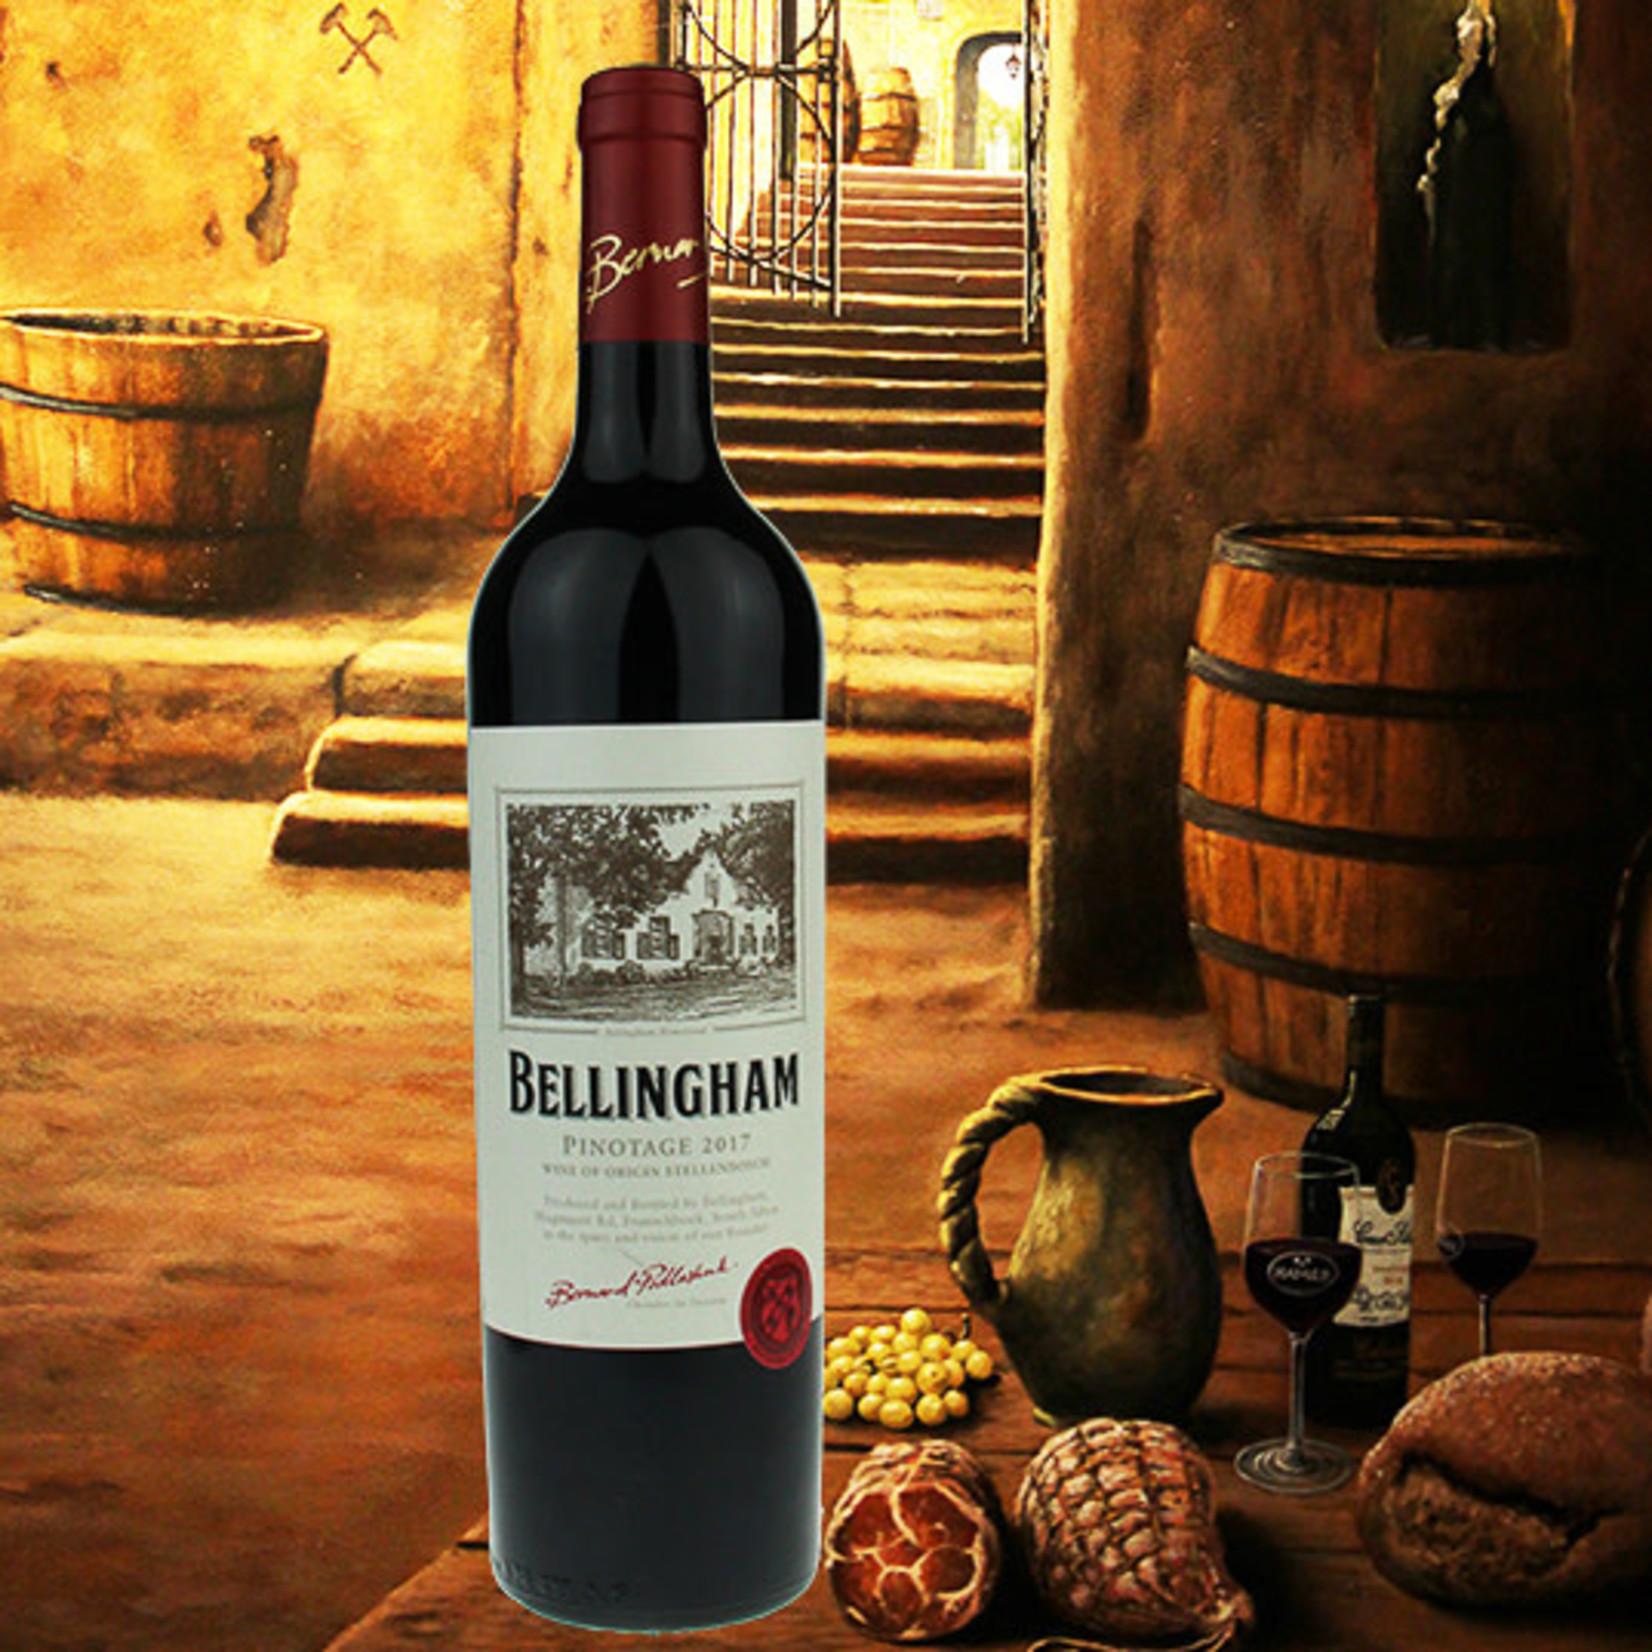 Bellingham Bellingham The Homestead Series Pinotage